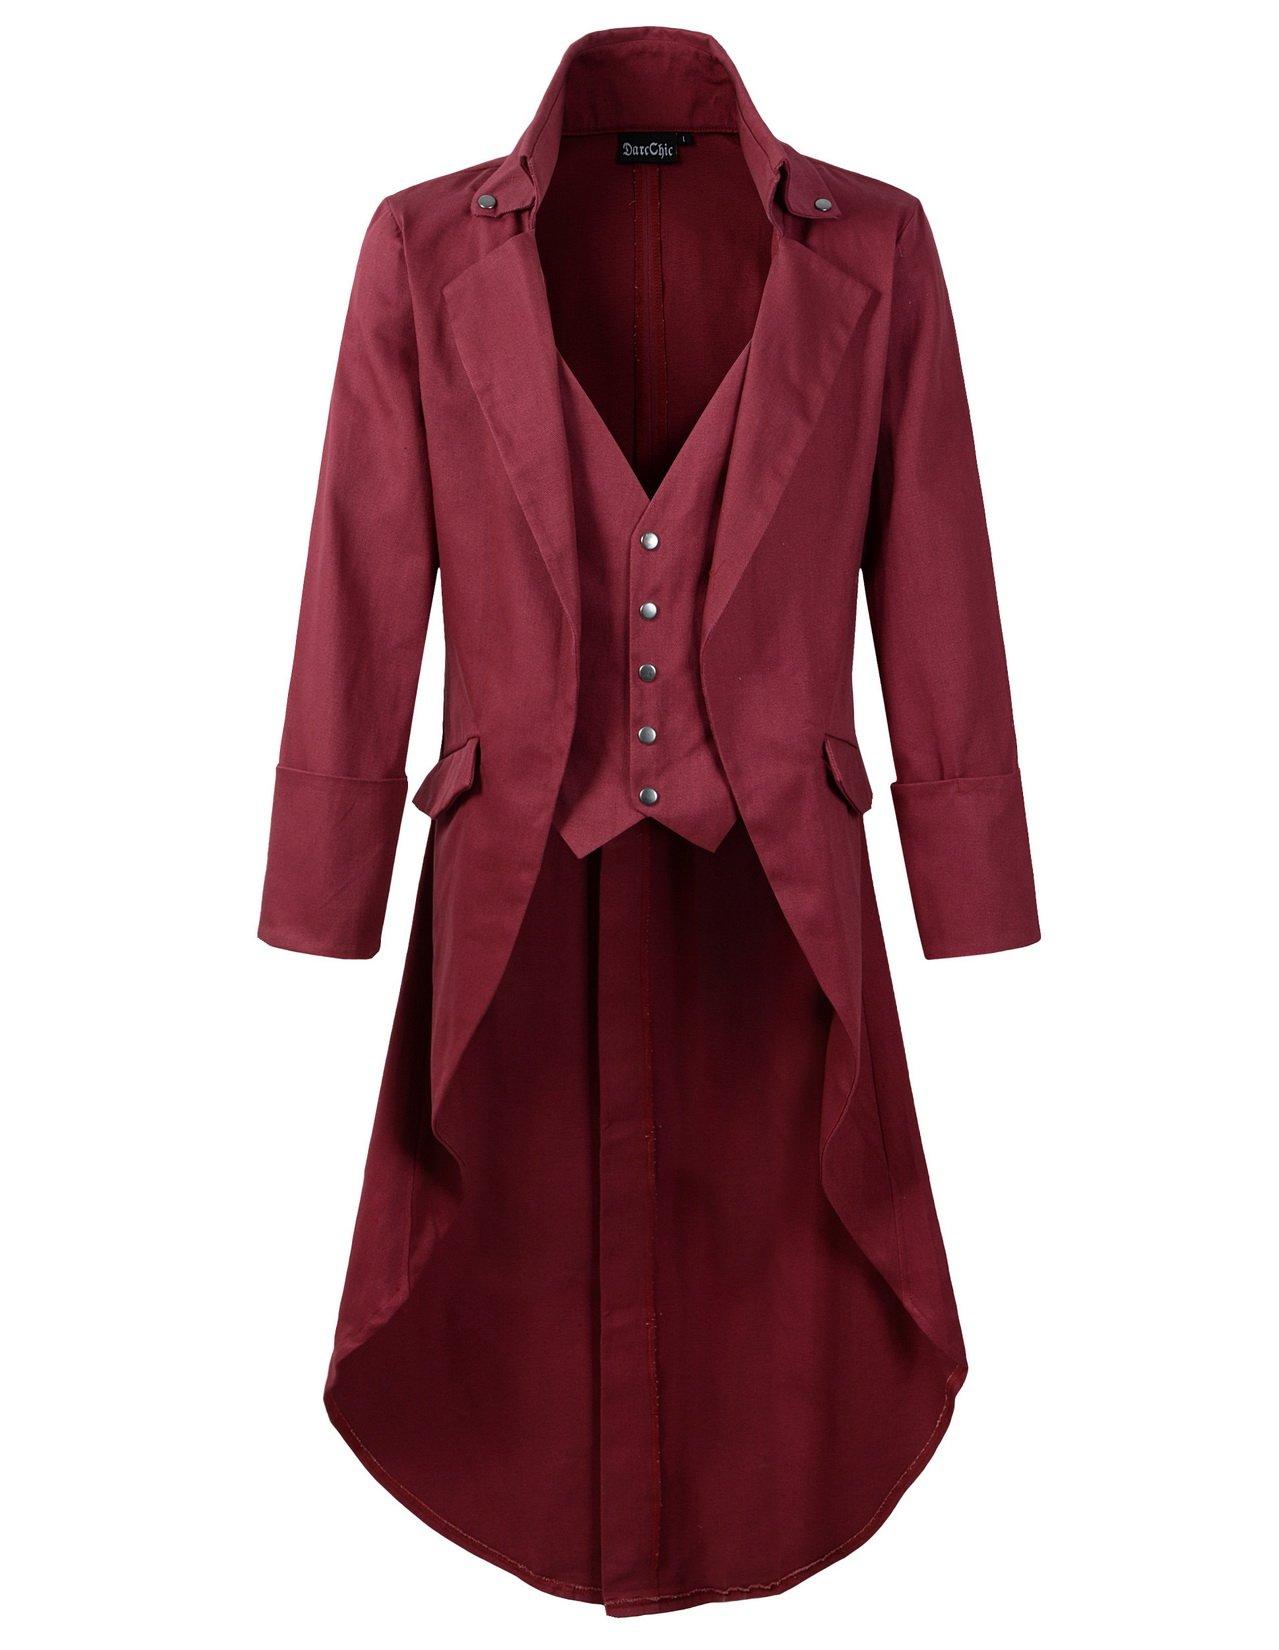 DarcChic Mens Gothic Tailcoat Jacket Black Steampunk VTG Victorian High Collar Coat (XXL, Burgundy) by DarcChic